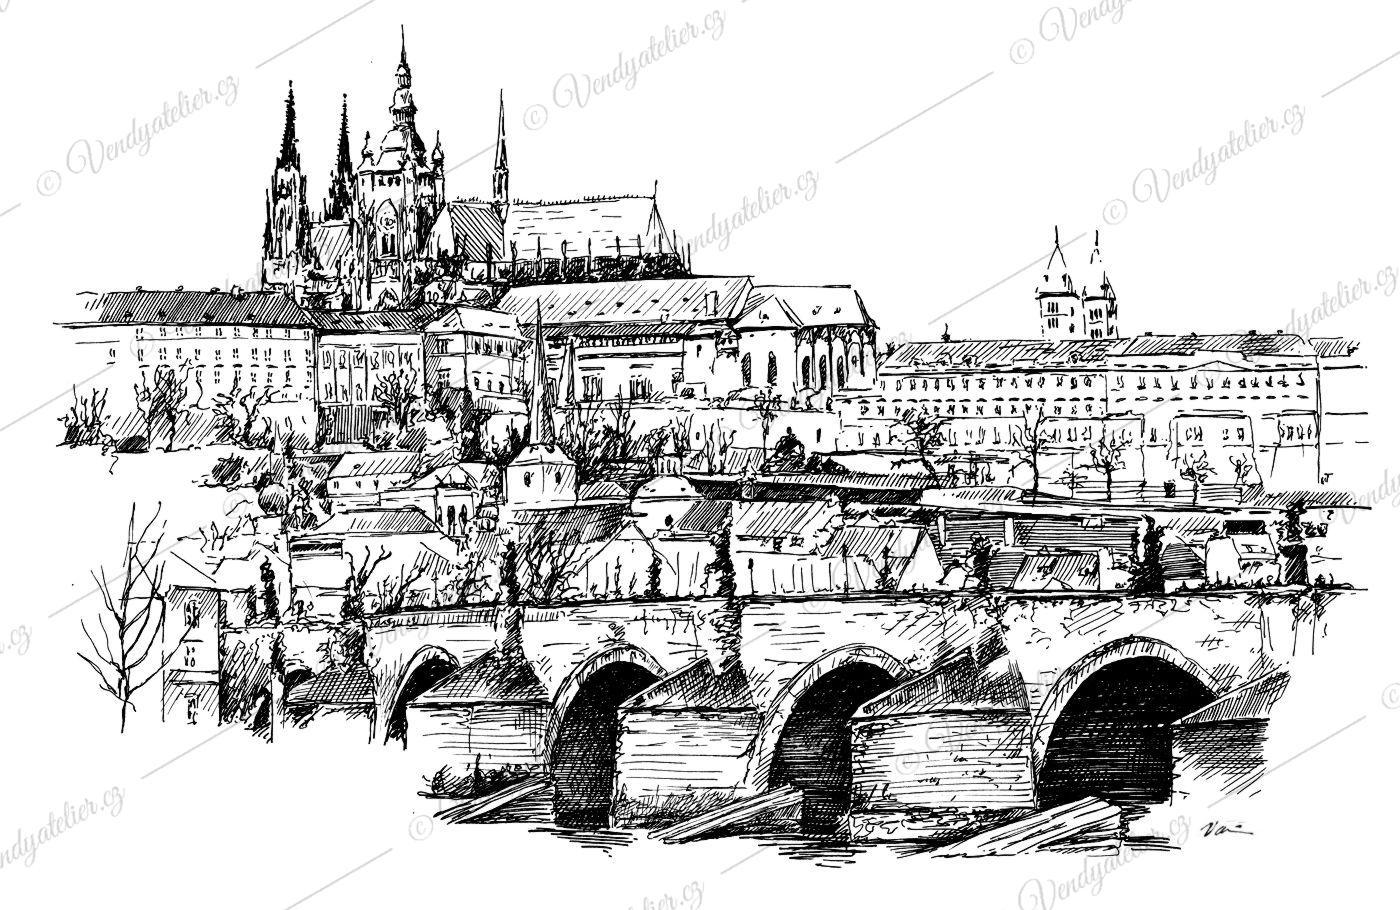 Praha Prazsky Hrad Karluv Most Vendy Atelier